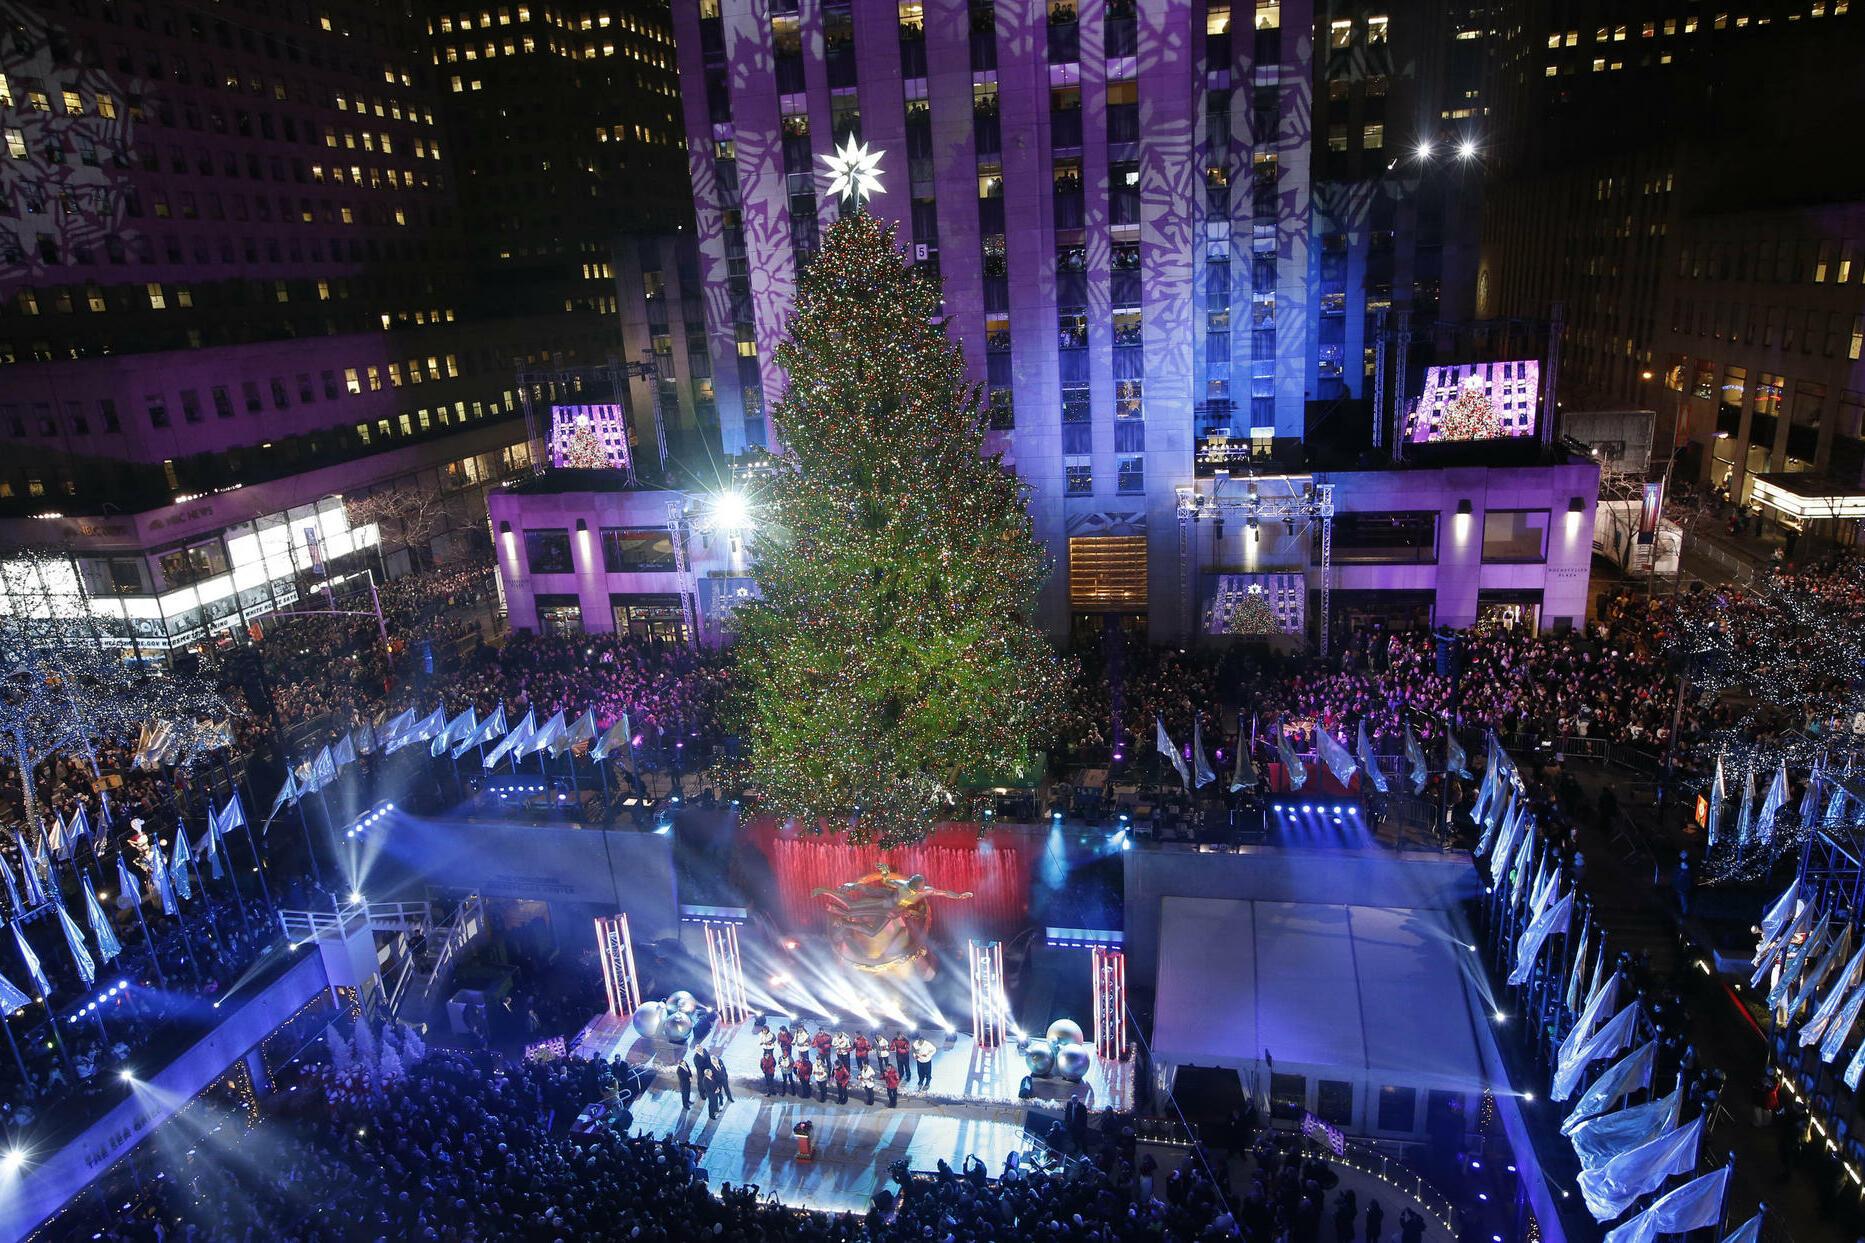 Weihnachtsbaum mit swarovski spitze es leuchtet und glitzert wieder am rockefeller center aus - Weihnachtsbaum new york ...